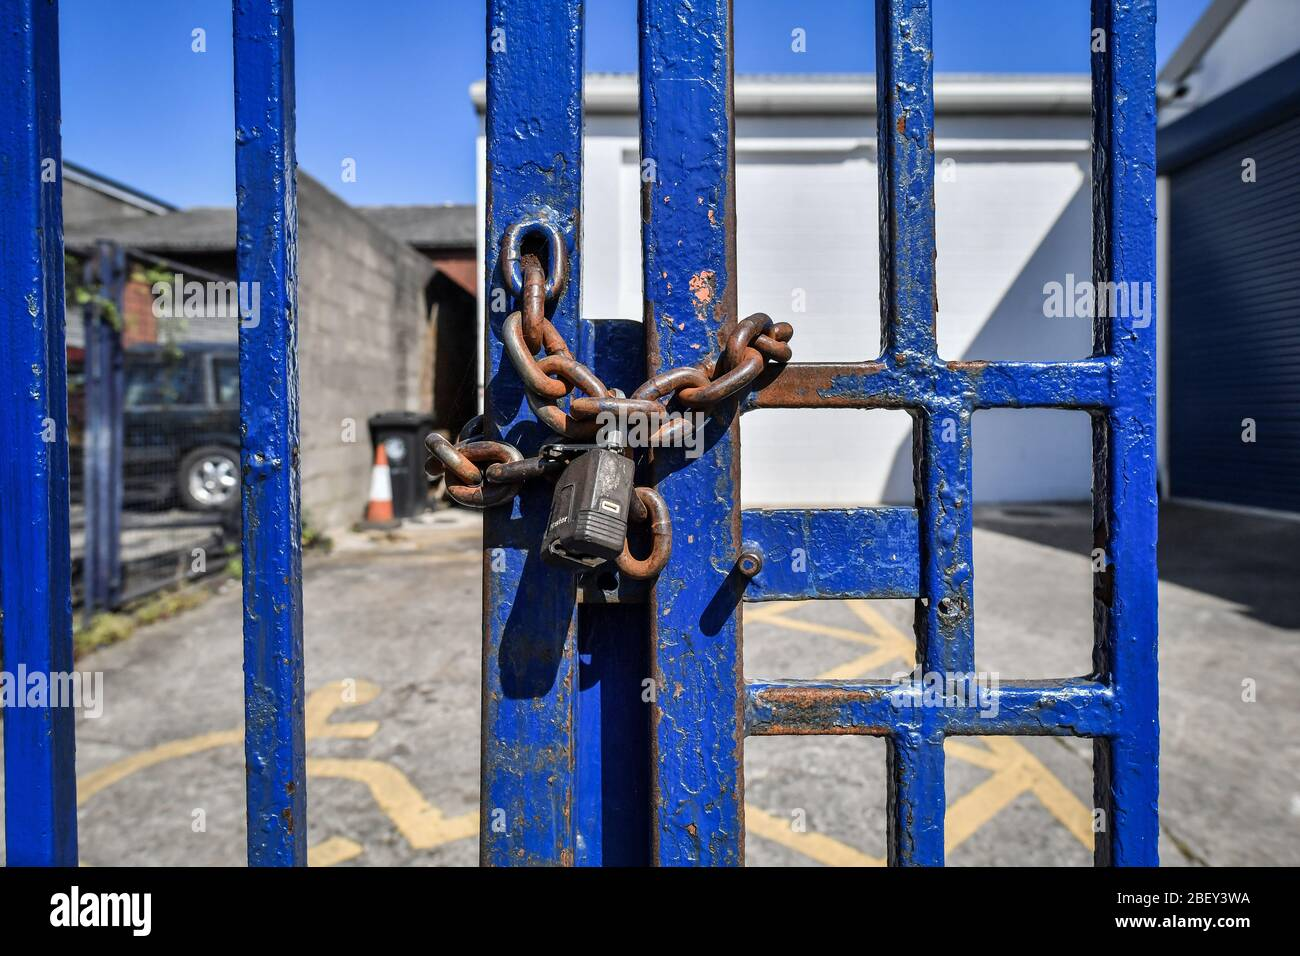 NOTA: IMAGEN 8 DE UN CONJUNTO DE 35 IMÁGENES CON PUERTAS CERRADAS DE NEGOCIOS Y LUGARES QUE ESTÁN CERRADOS DURANTE EL CIERRE del Reino Unido UNA cadena oxidada y candado asegurar puertas de acero pintado de color azul para impedir el acceso a un negocio en una propiedad comercial en Bristol como el Reino Unido sigue en cierre ayudar a frenar la propagación del coronavirus. Foto de stock